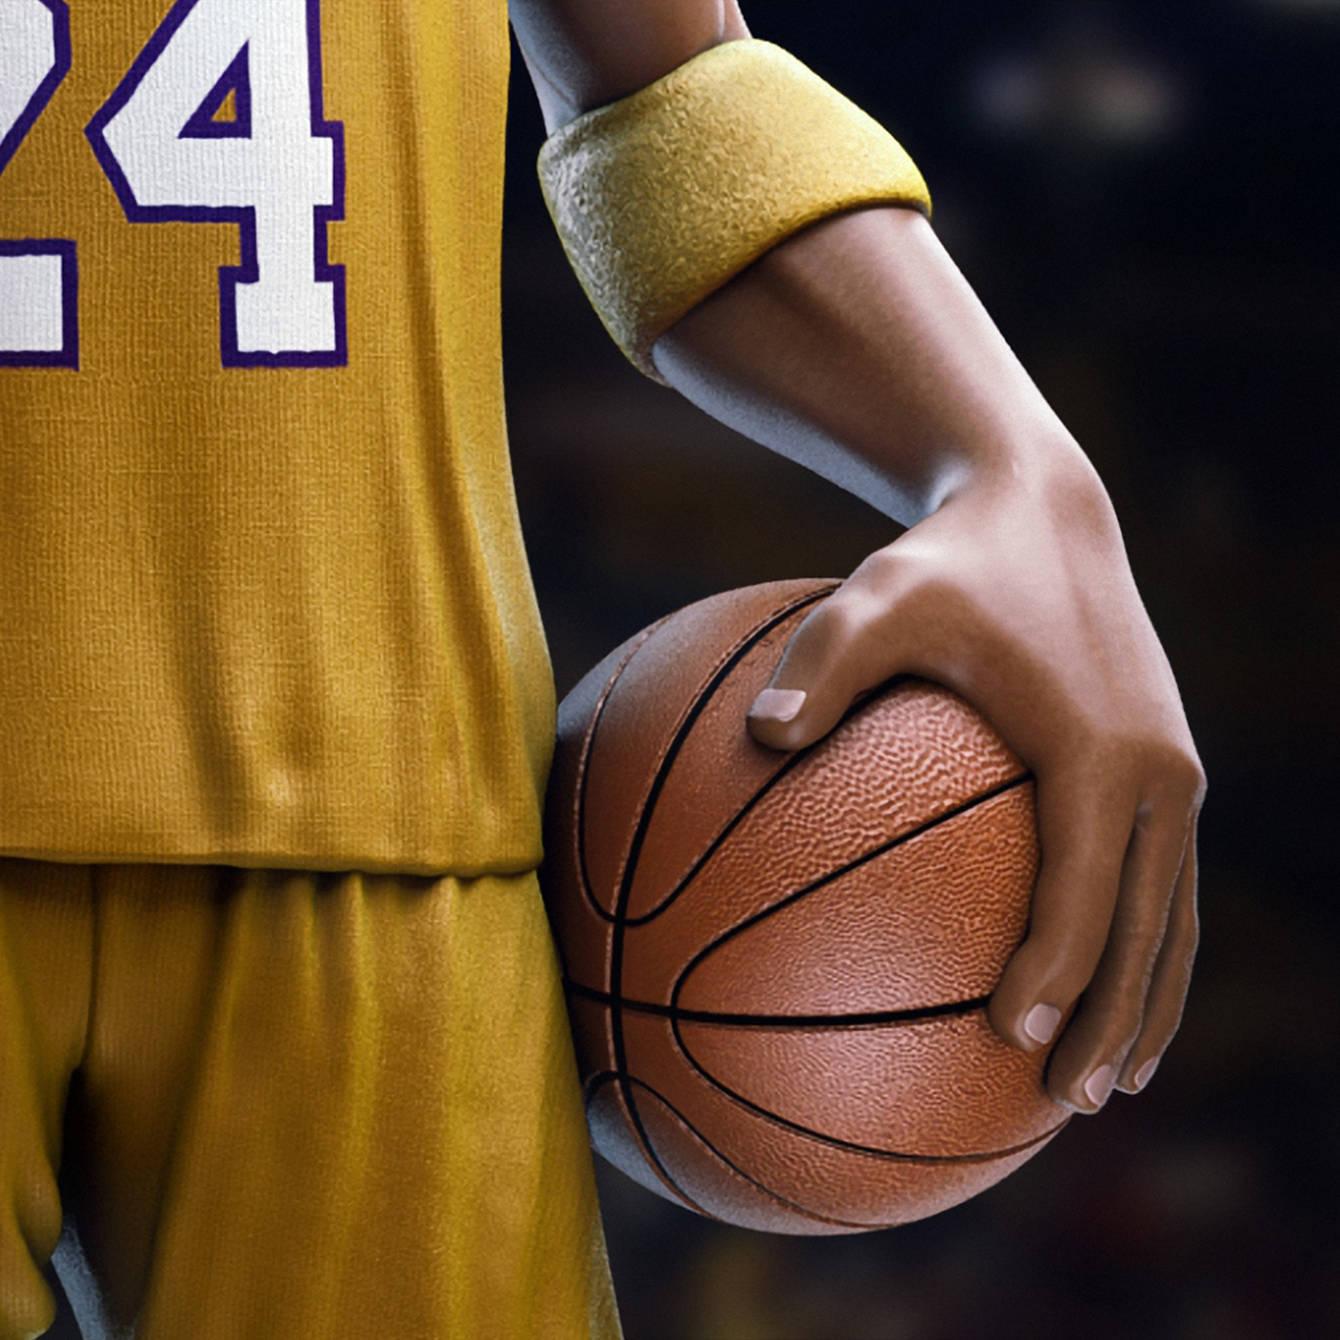 Kobe-Bryant-khand_2x.jpg